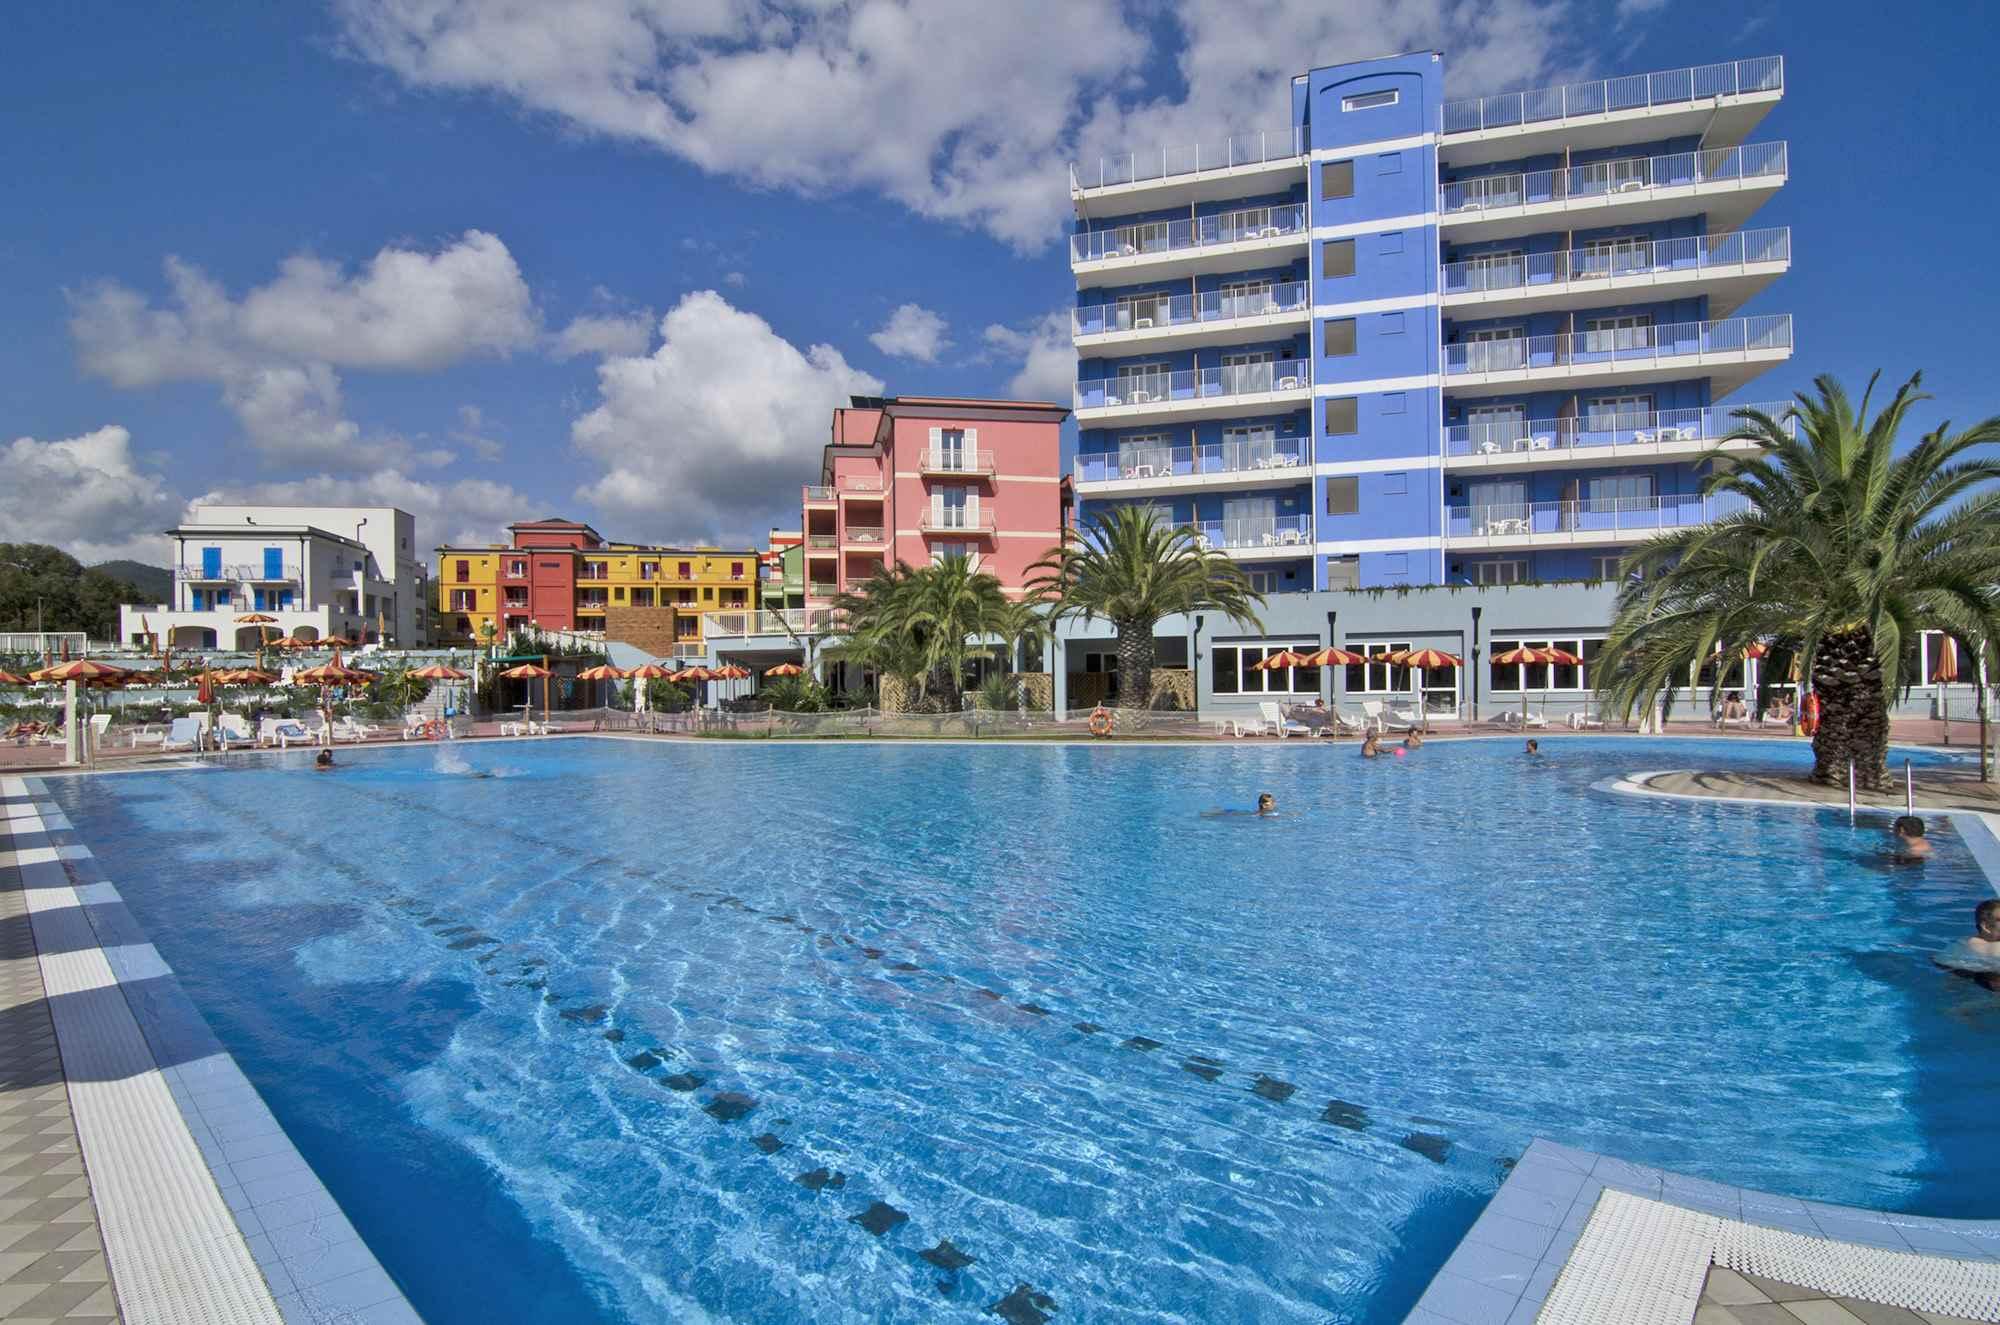 Loano 2 Village Residence Hotel Hotel per bambini al mare